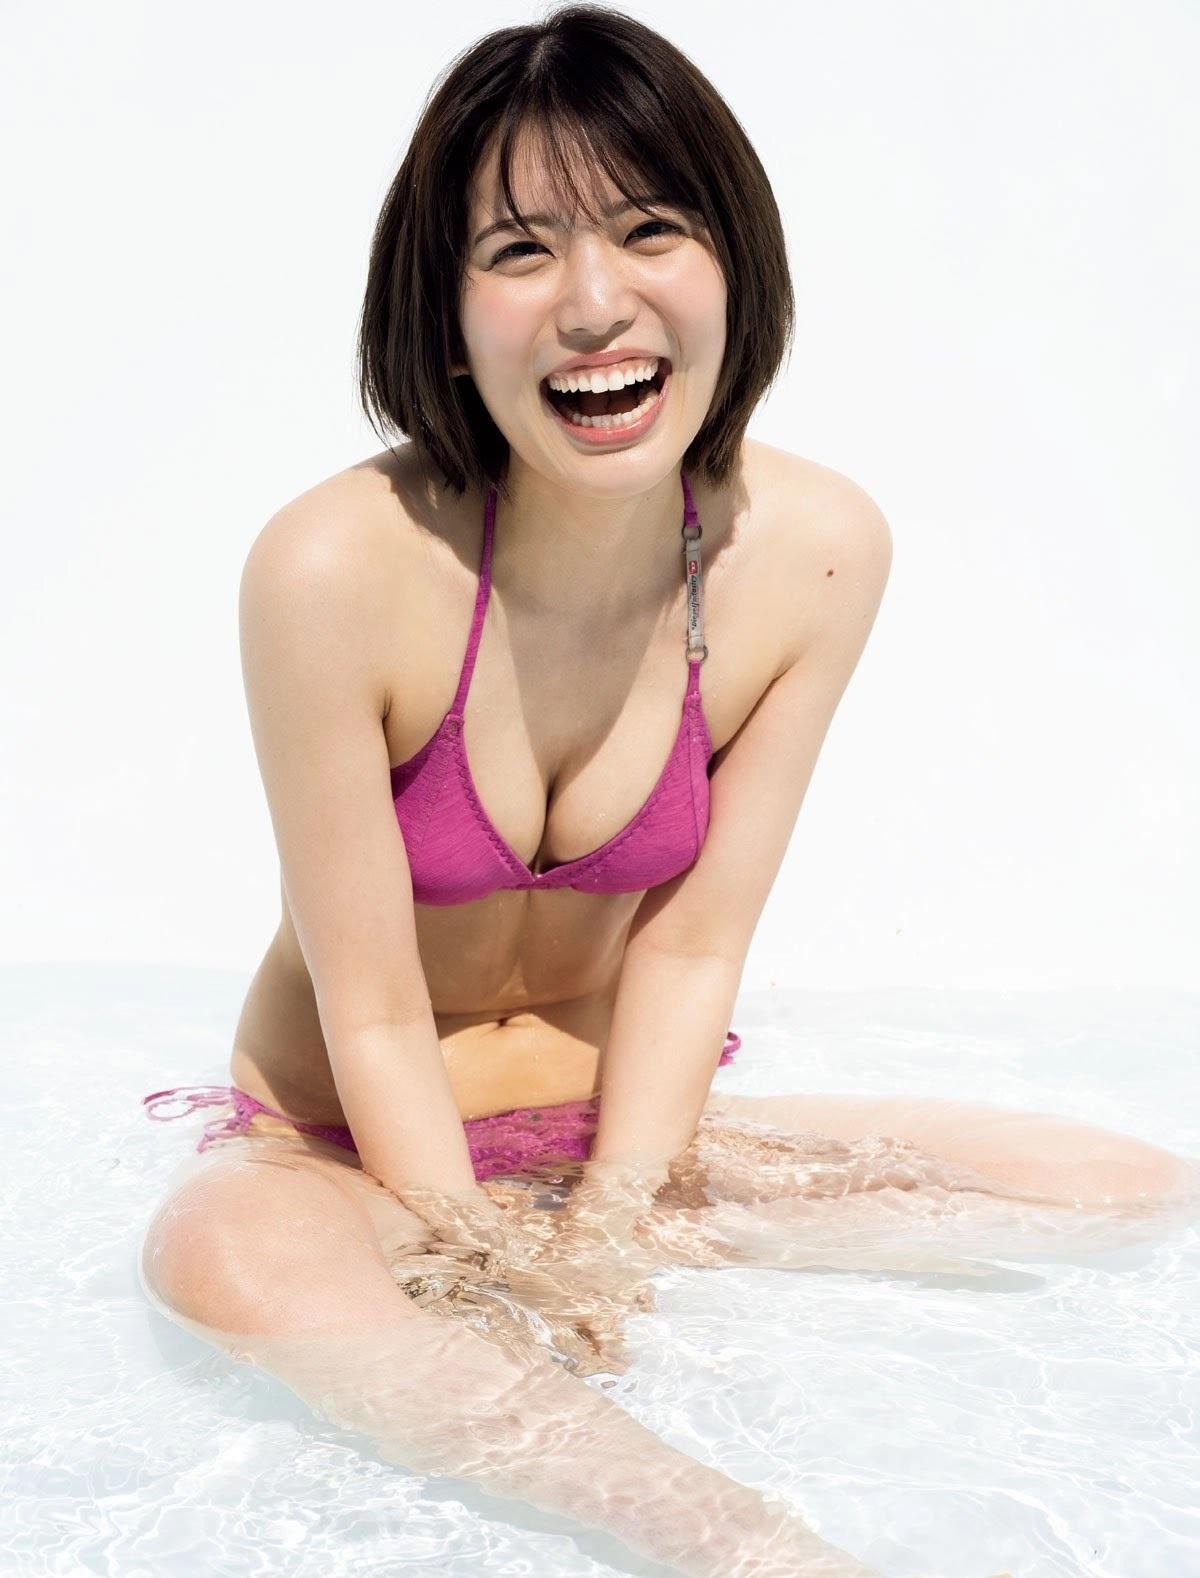 松本真理香 樱井音乃 羽柴なつみ-Weekly Playboy 2021第23期 高清套图 第68张